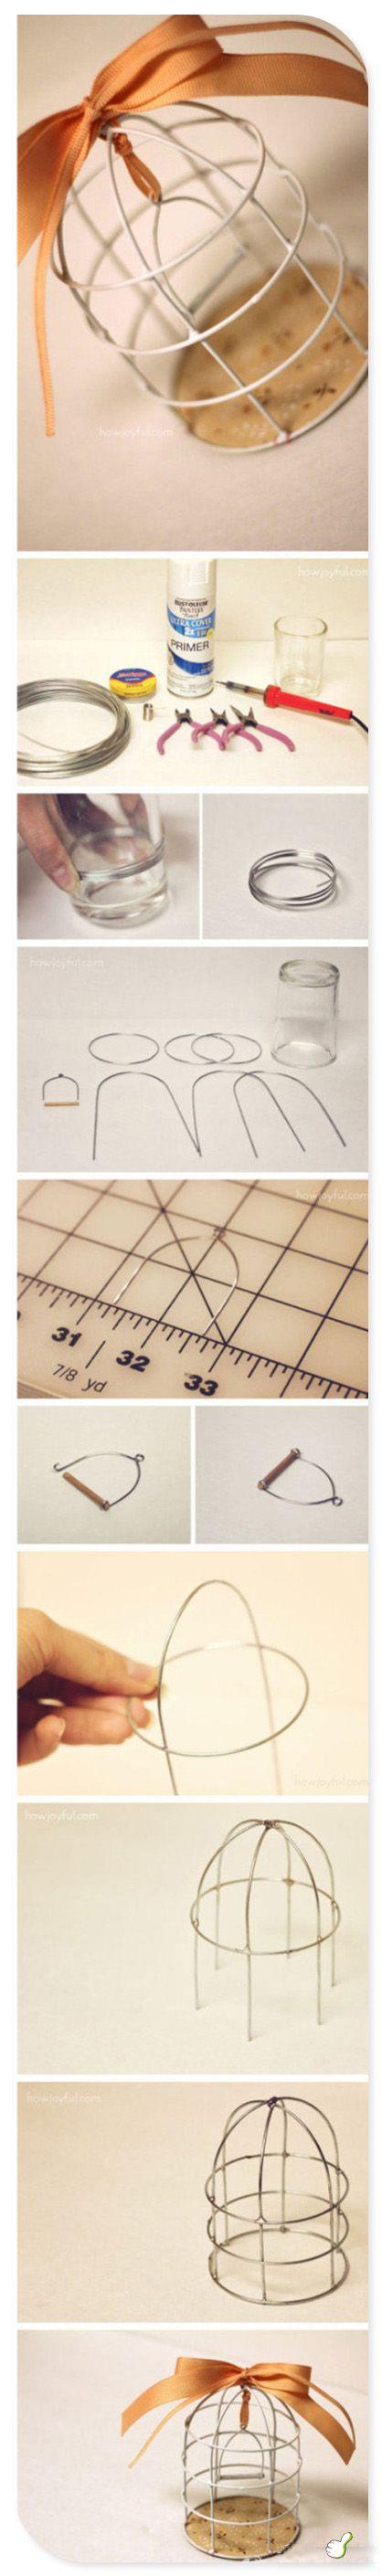 Como modelar o arame e criar peças.